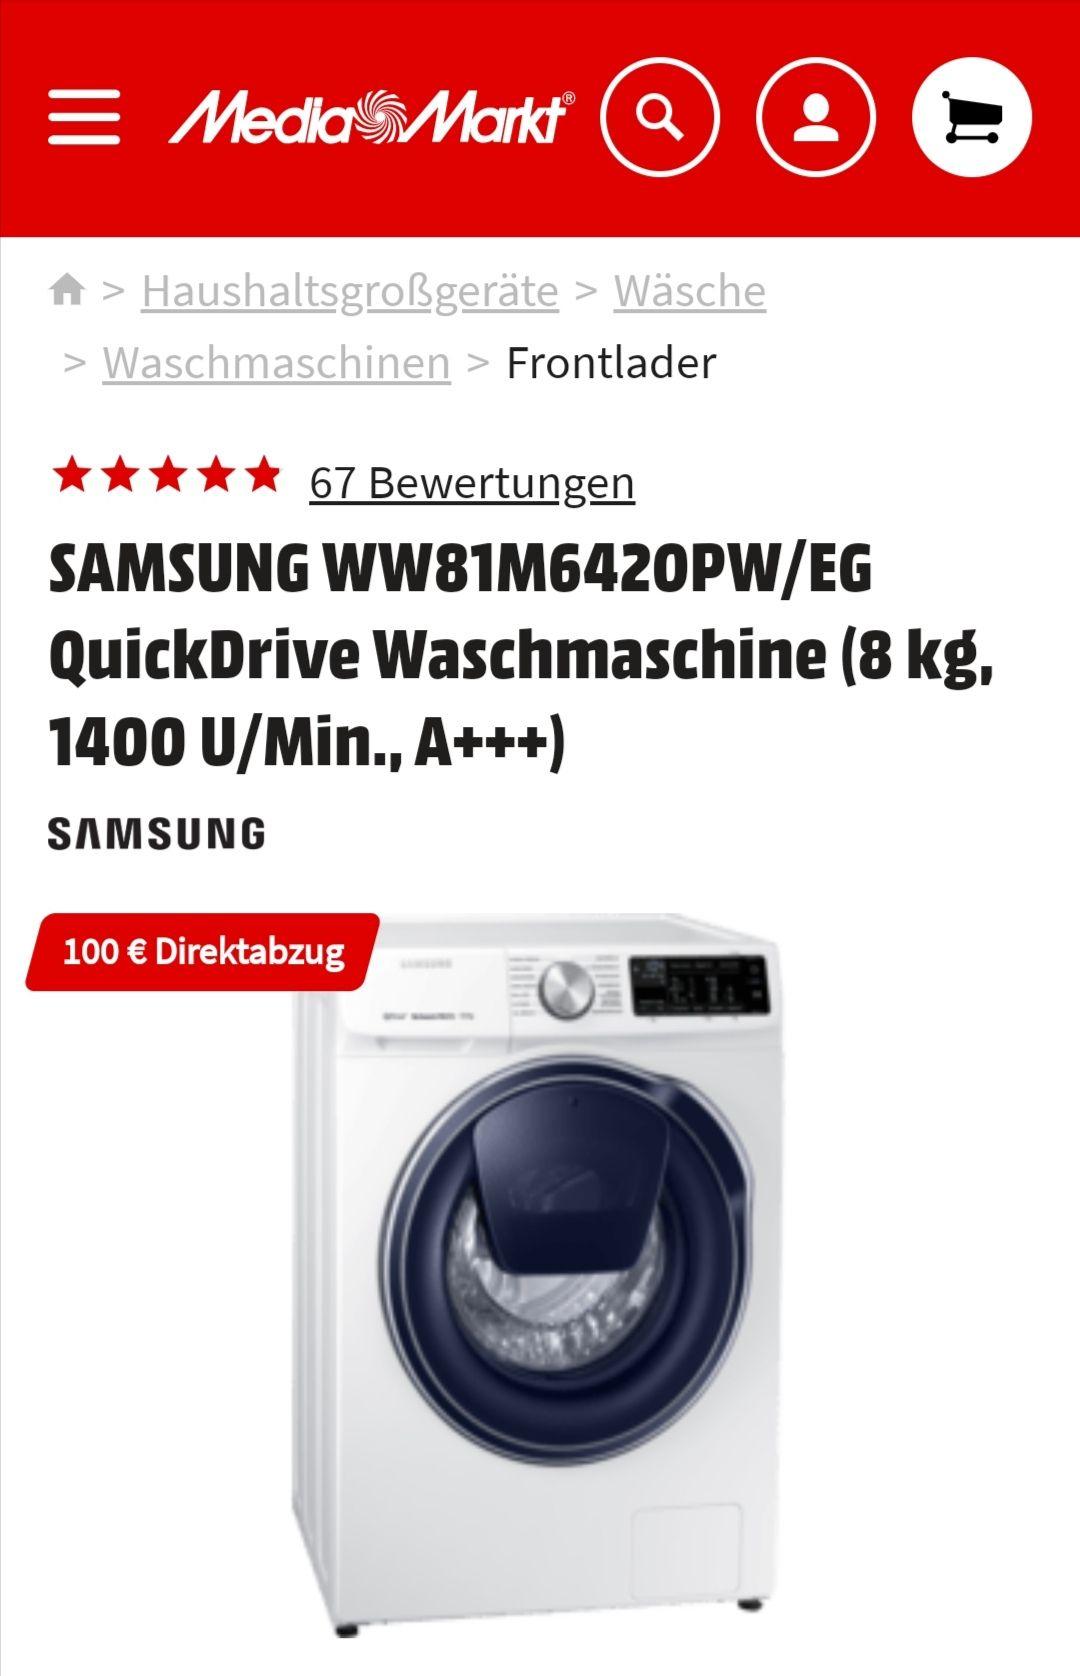 Samsung WW81M642OPW